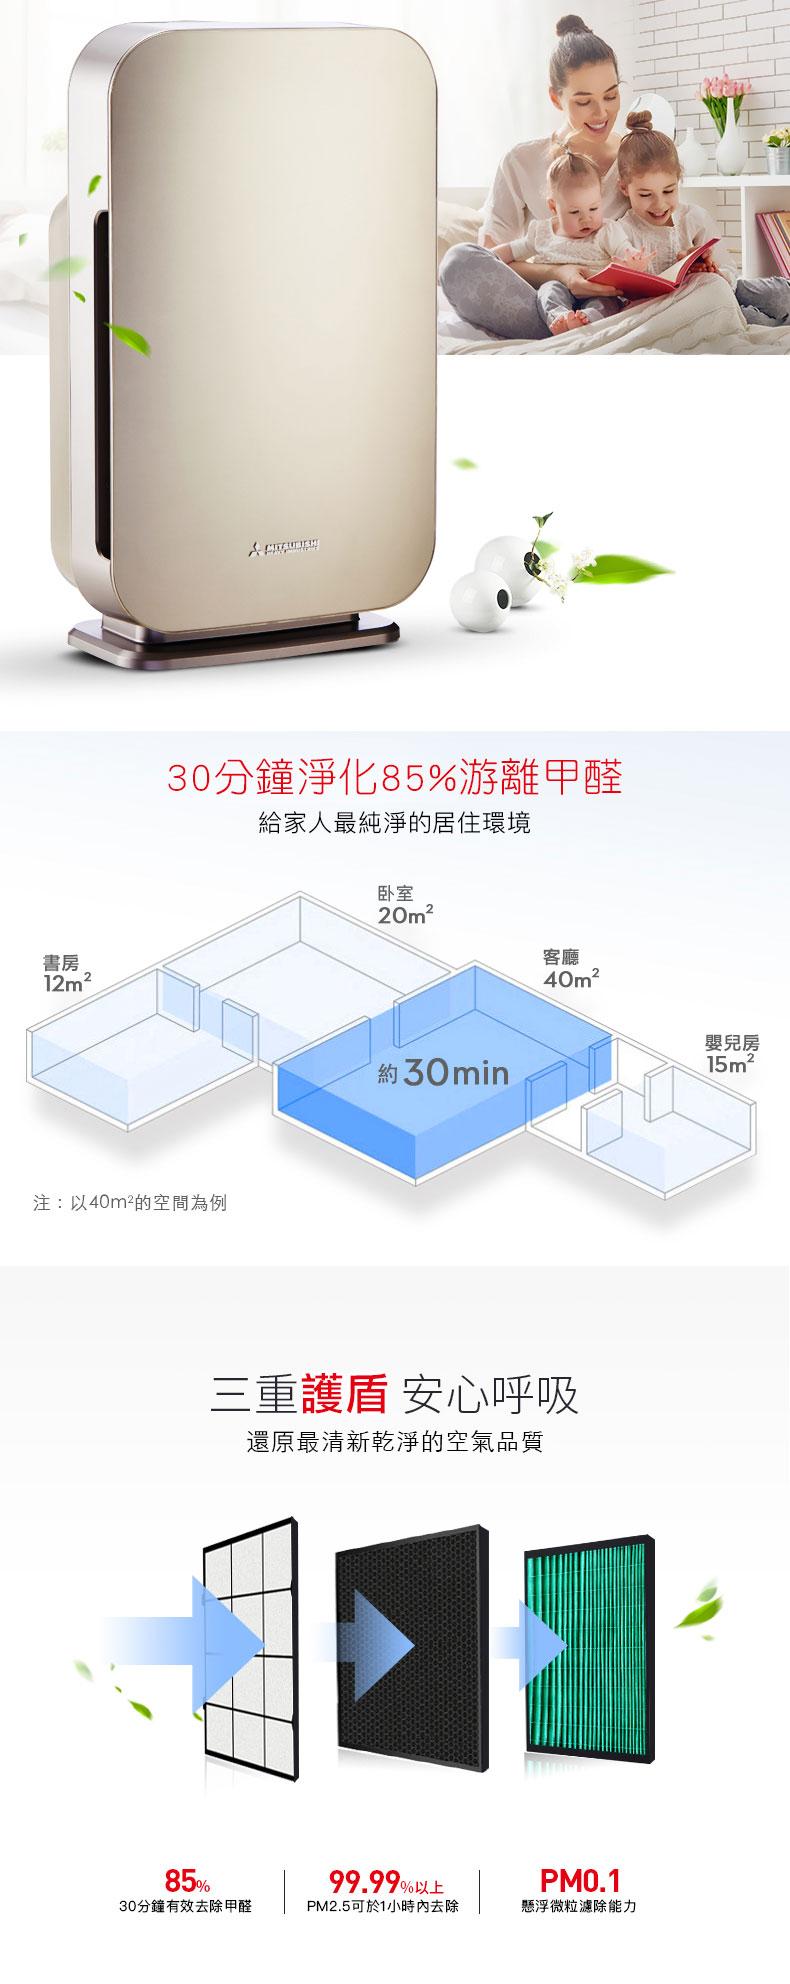 三菱重工SP-ME32WG-T產品細節